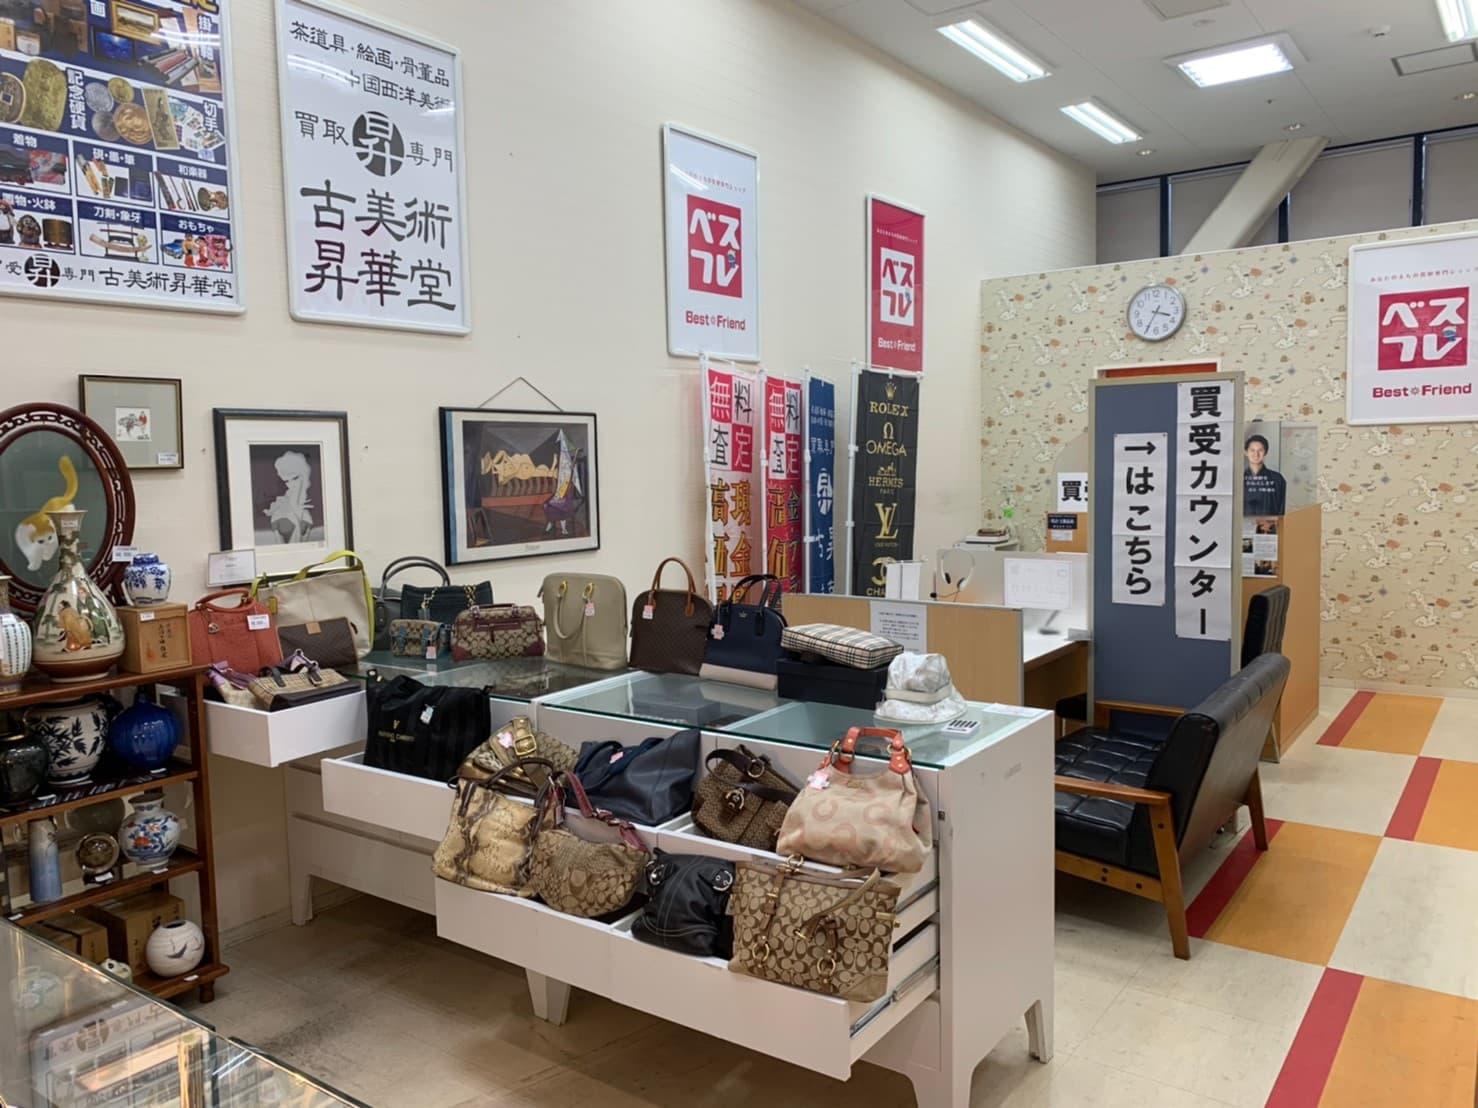 ベストフレンド昇華堂ヨシヅヤ名西店店舗写真4